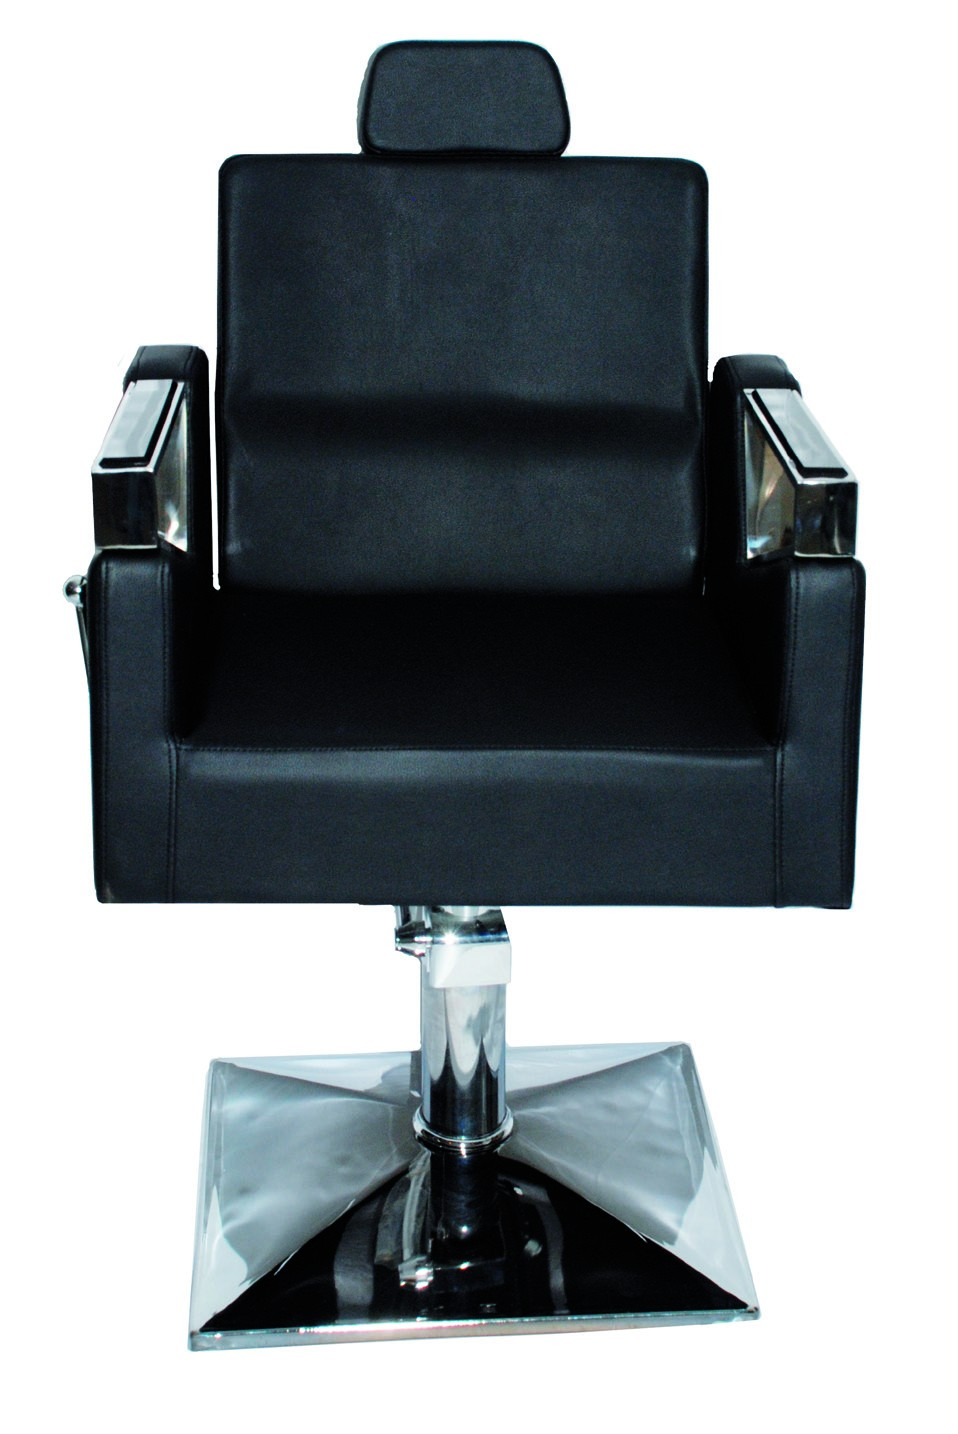 """כיסא גברים -Barber chair דגם 31287. בוכנה גבוהה. אחריות שנתיים על הבוכנה. מחיר לא כולל מע""""מ ולא כולל הובלה."""